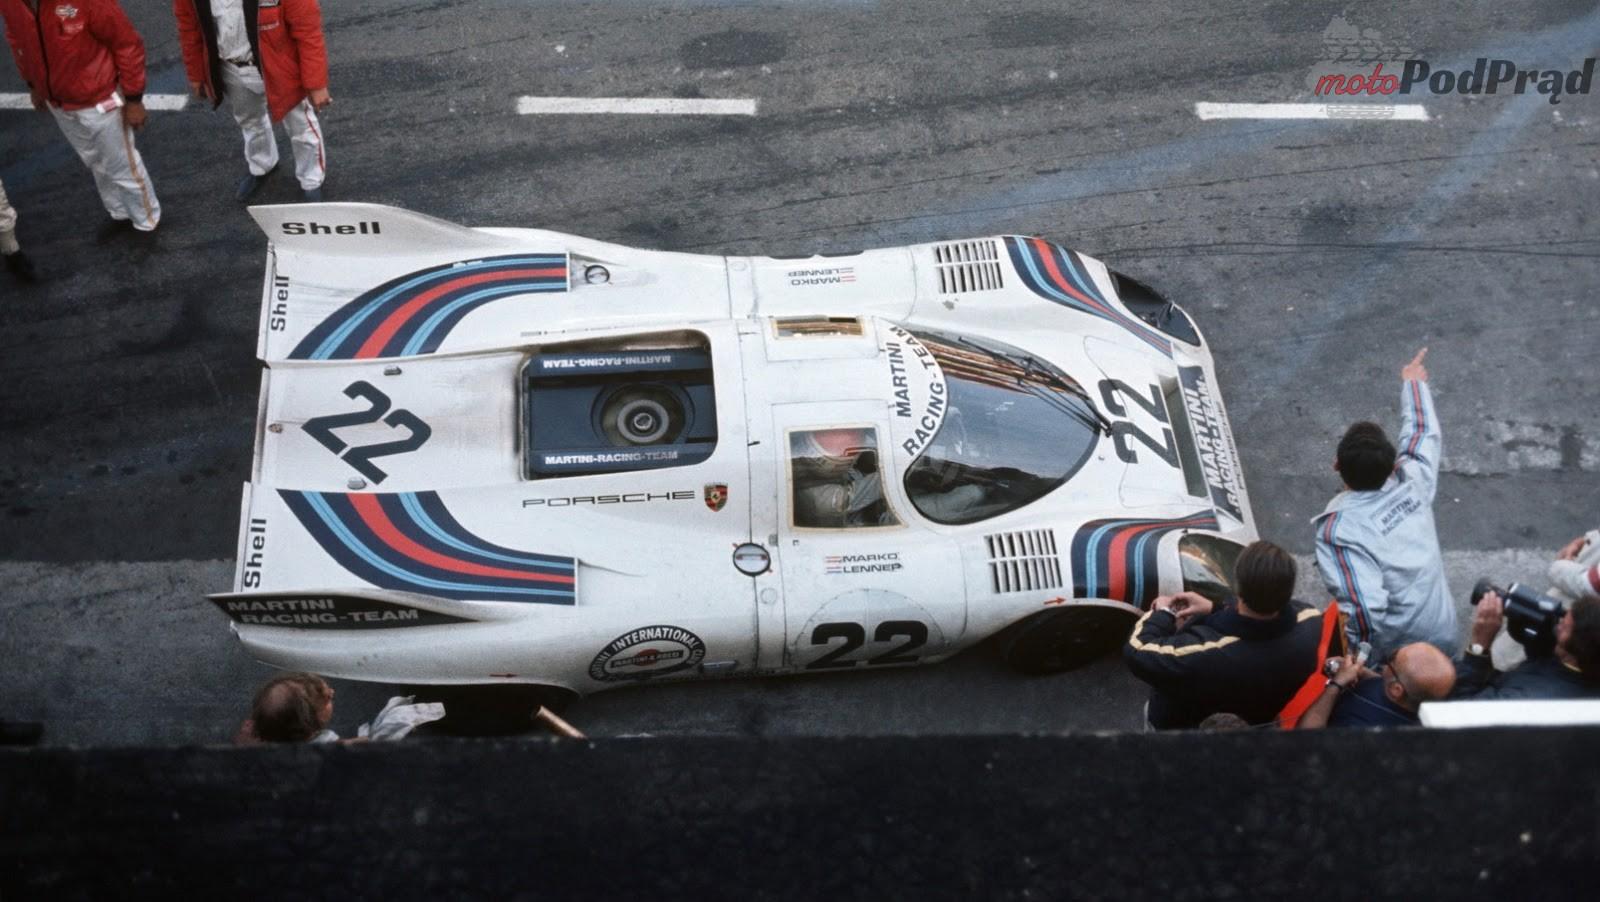 Porsche Macan 9 Porsche Macan w klasycznych malowaniach z LeMans   dlaczego nie?